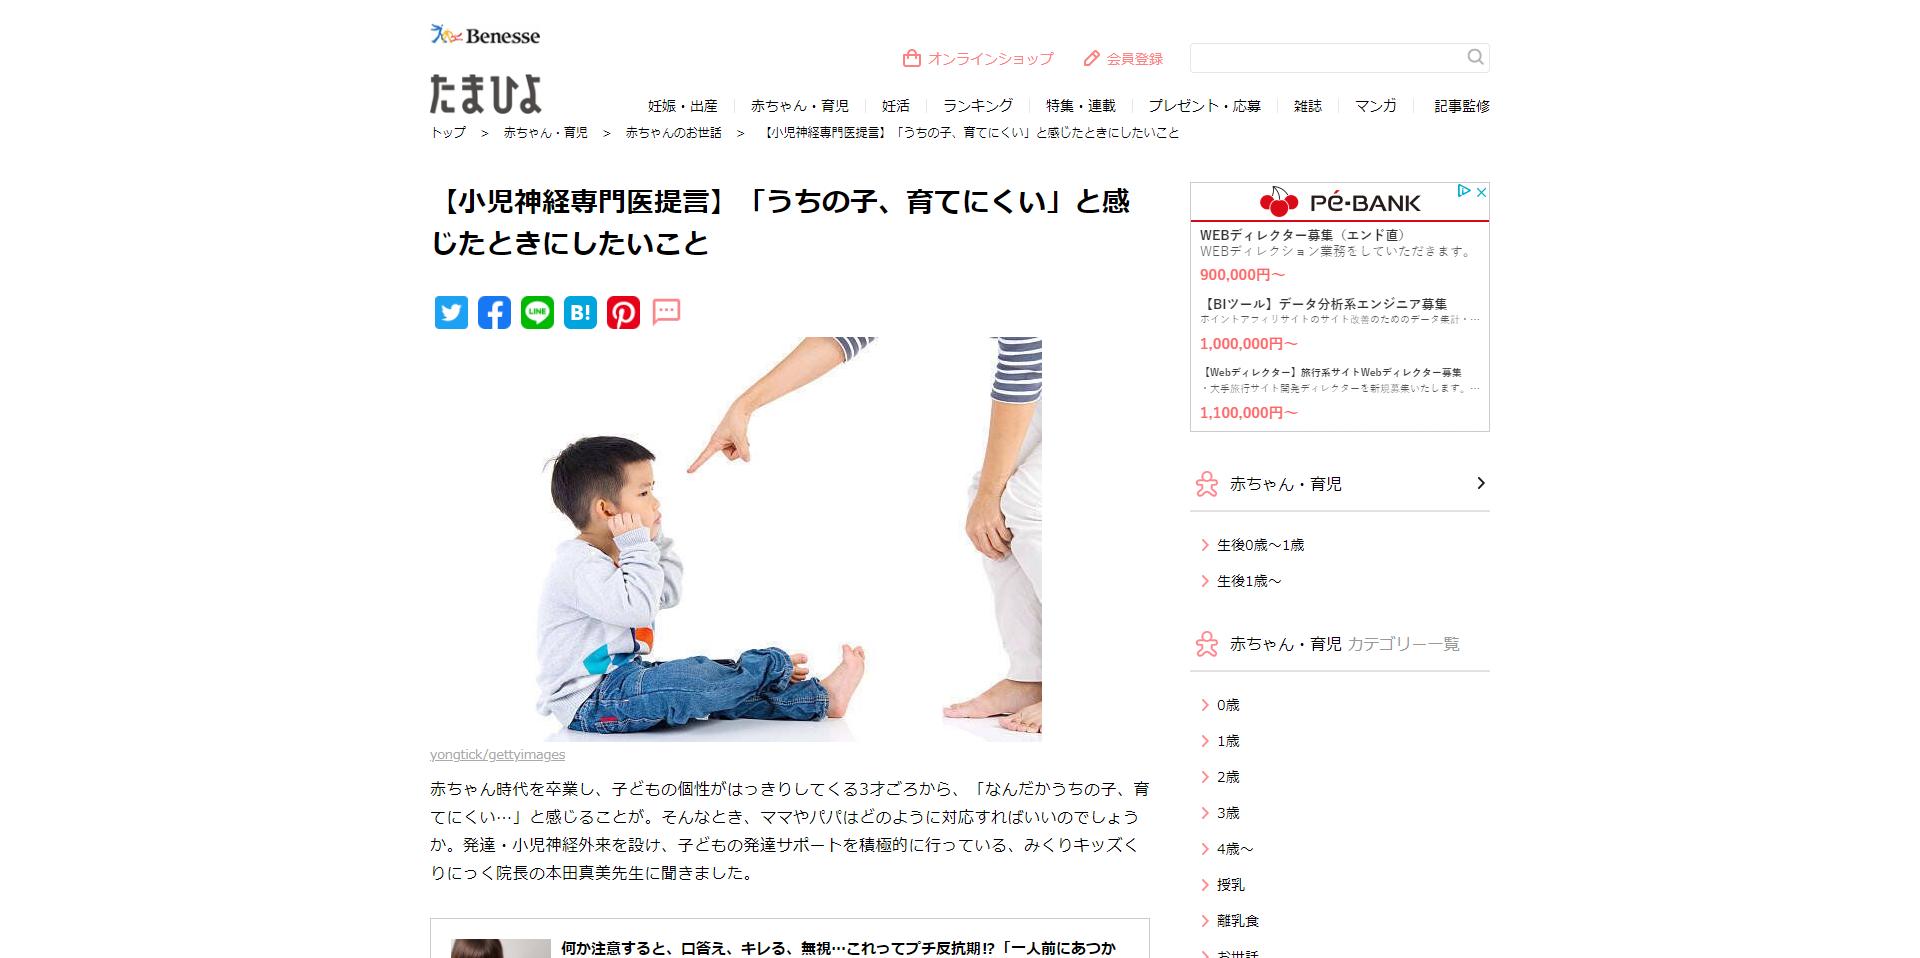 FireShot Capture 921 - 【小児神経専門医提言】「うちの子、育てにくい」と感じたときにしたいこと  たまひよ - st.benesse.ne.jp